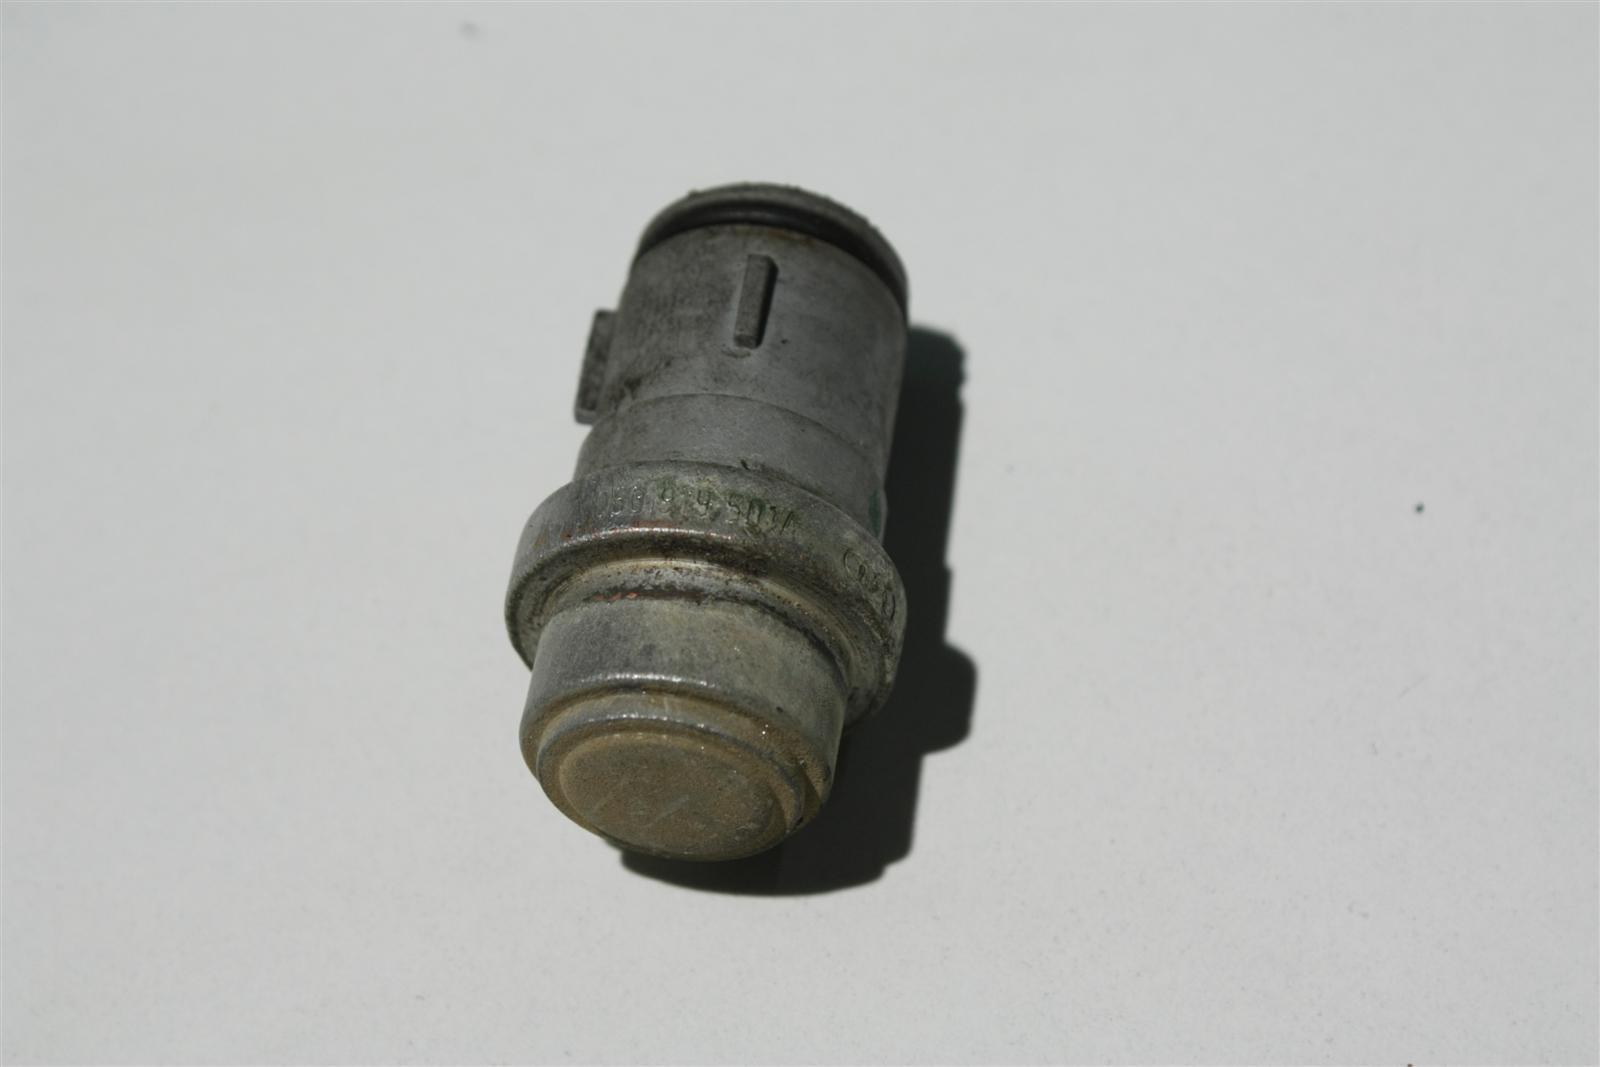 Audi 80/100/A4/A6/A8 Temperaturgeber + Schalter 053919501A